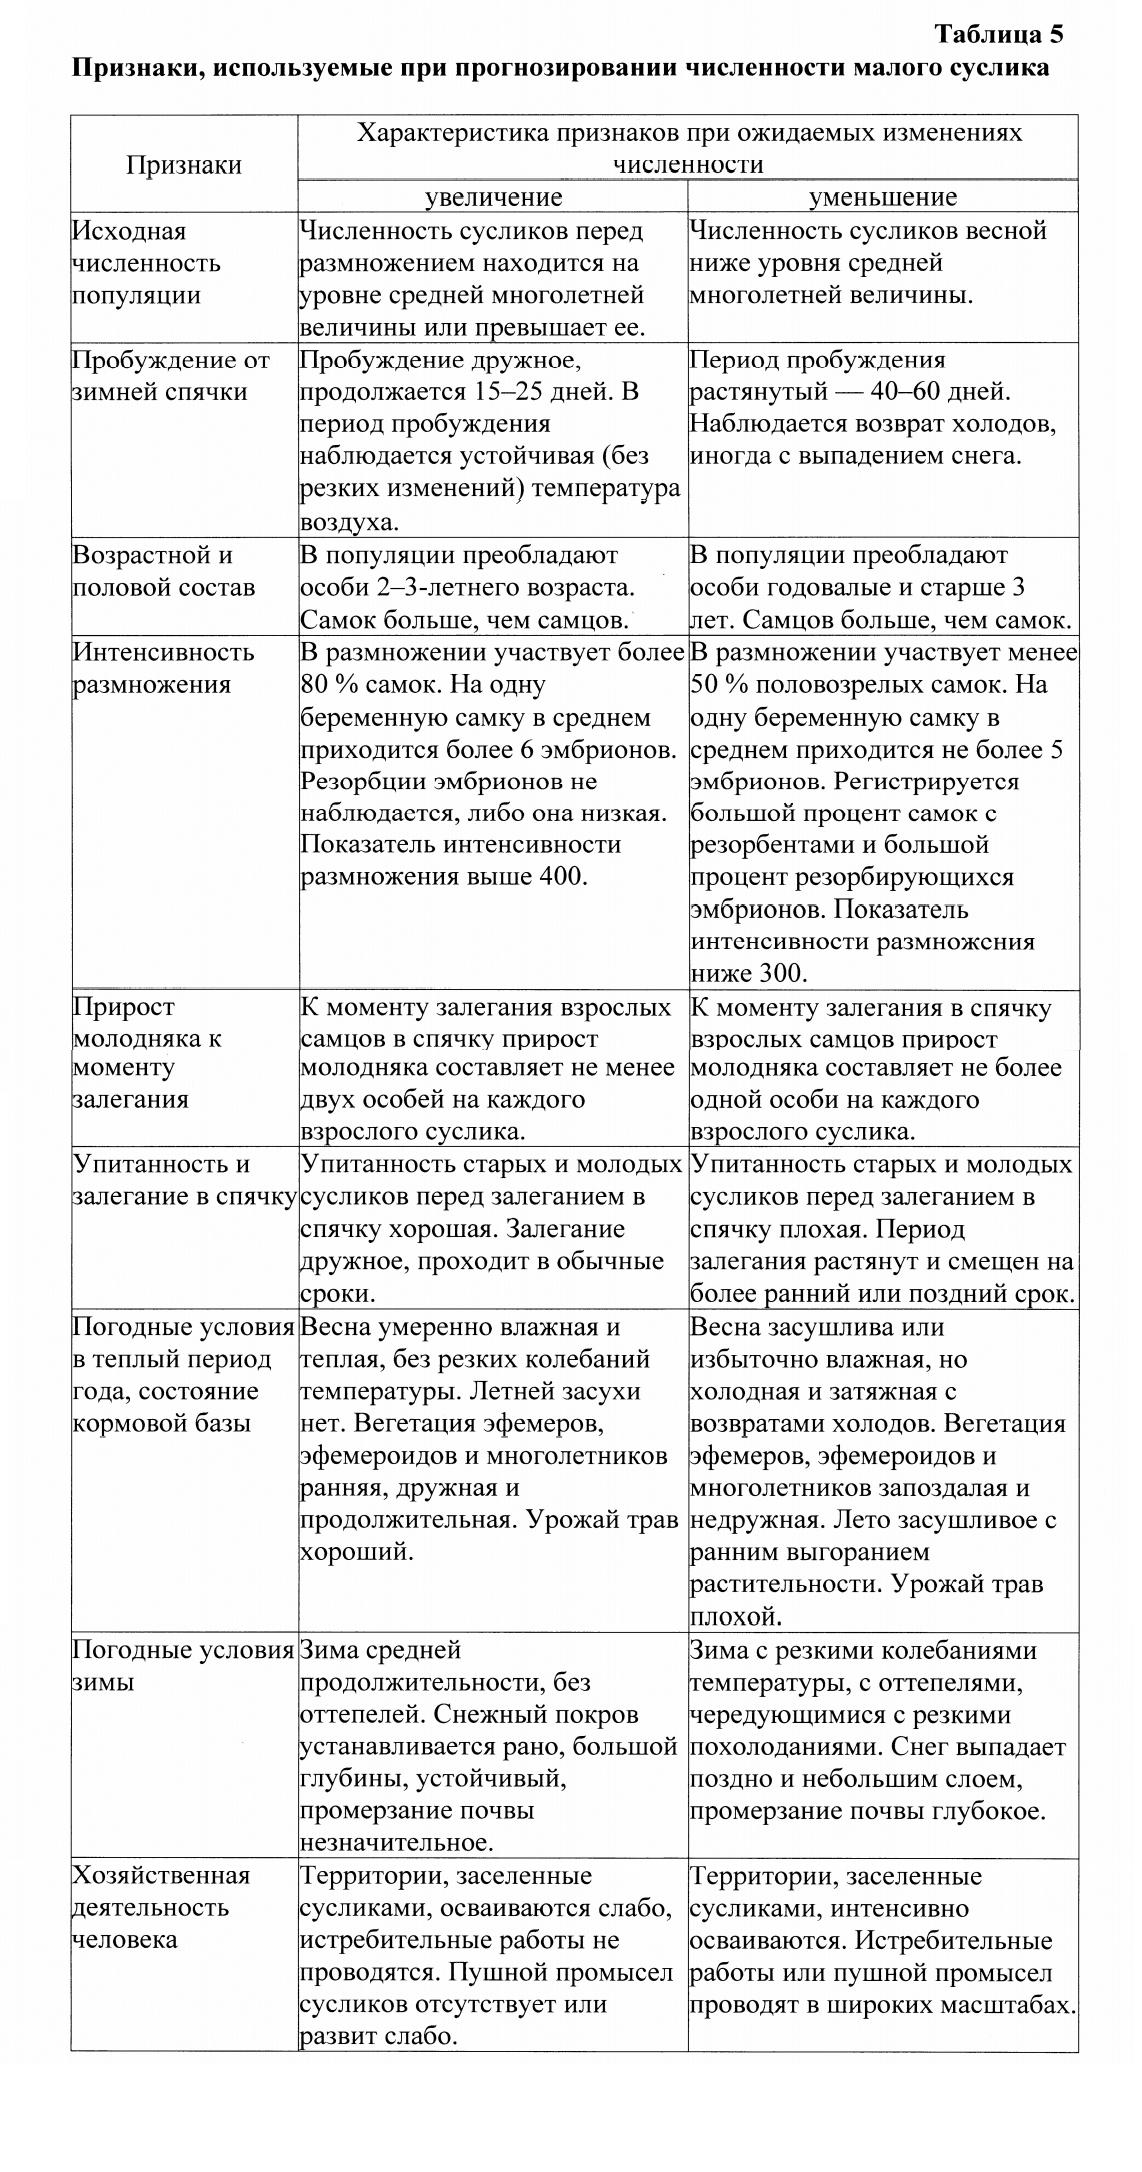 tabl20_9.png (1.38 MB)